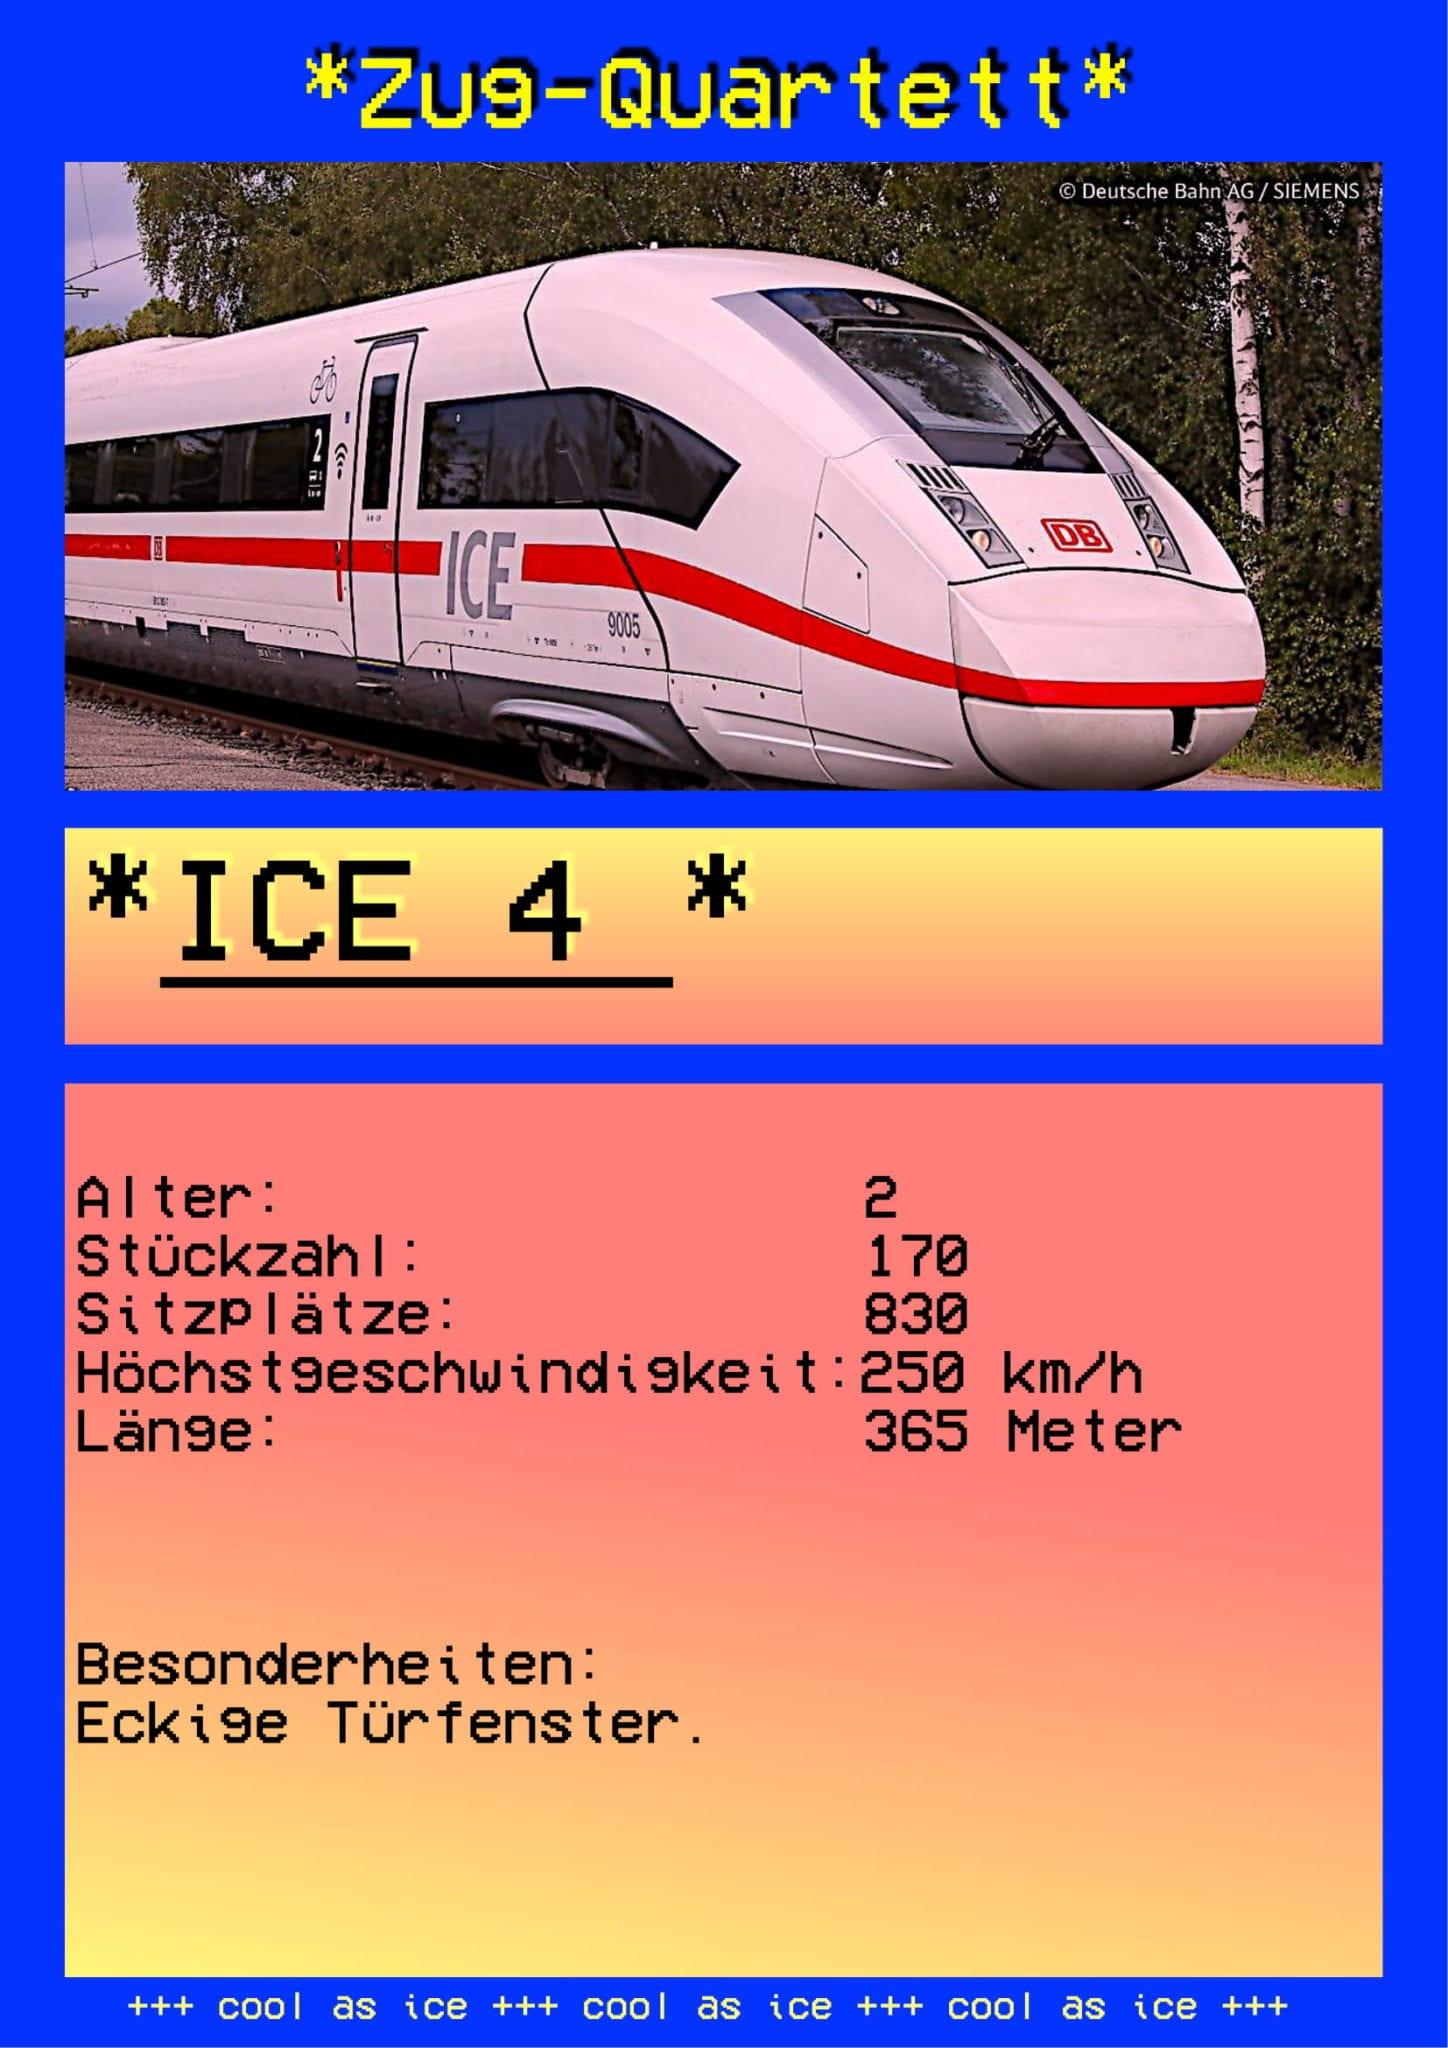 ICE_Quartett_4_0107-1